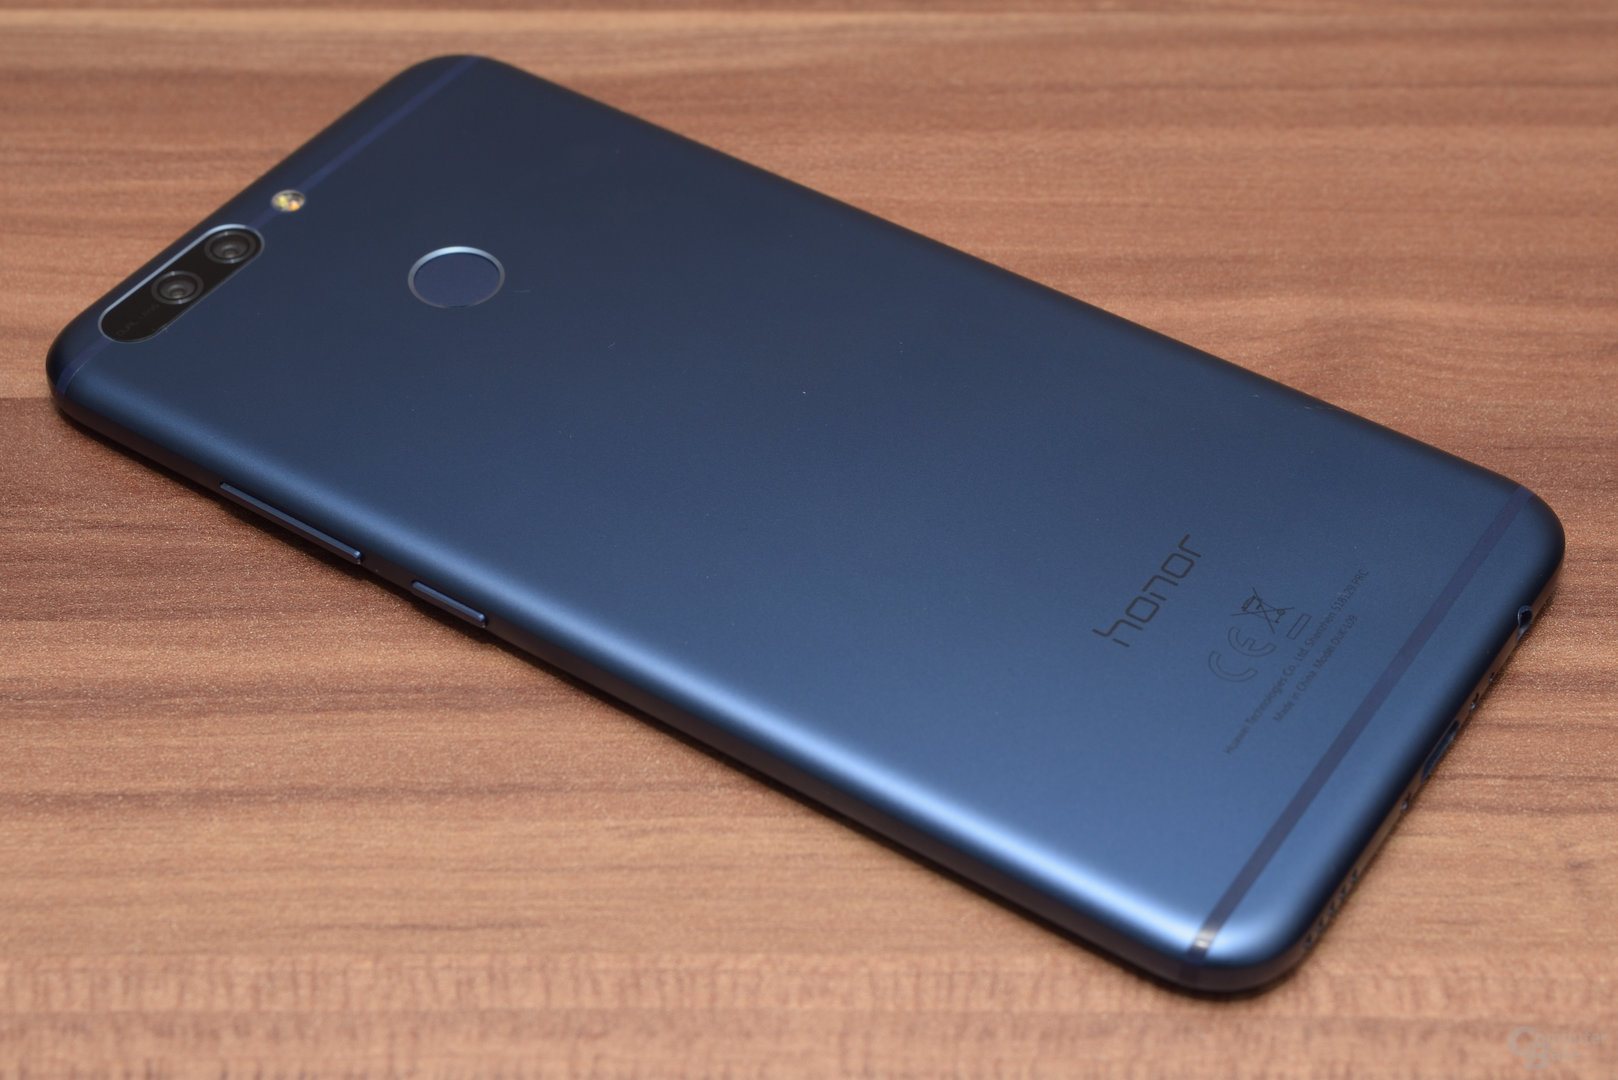 Die Rückseite erinnert hingegen eher an das Huawei P9